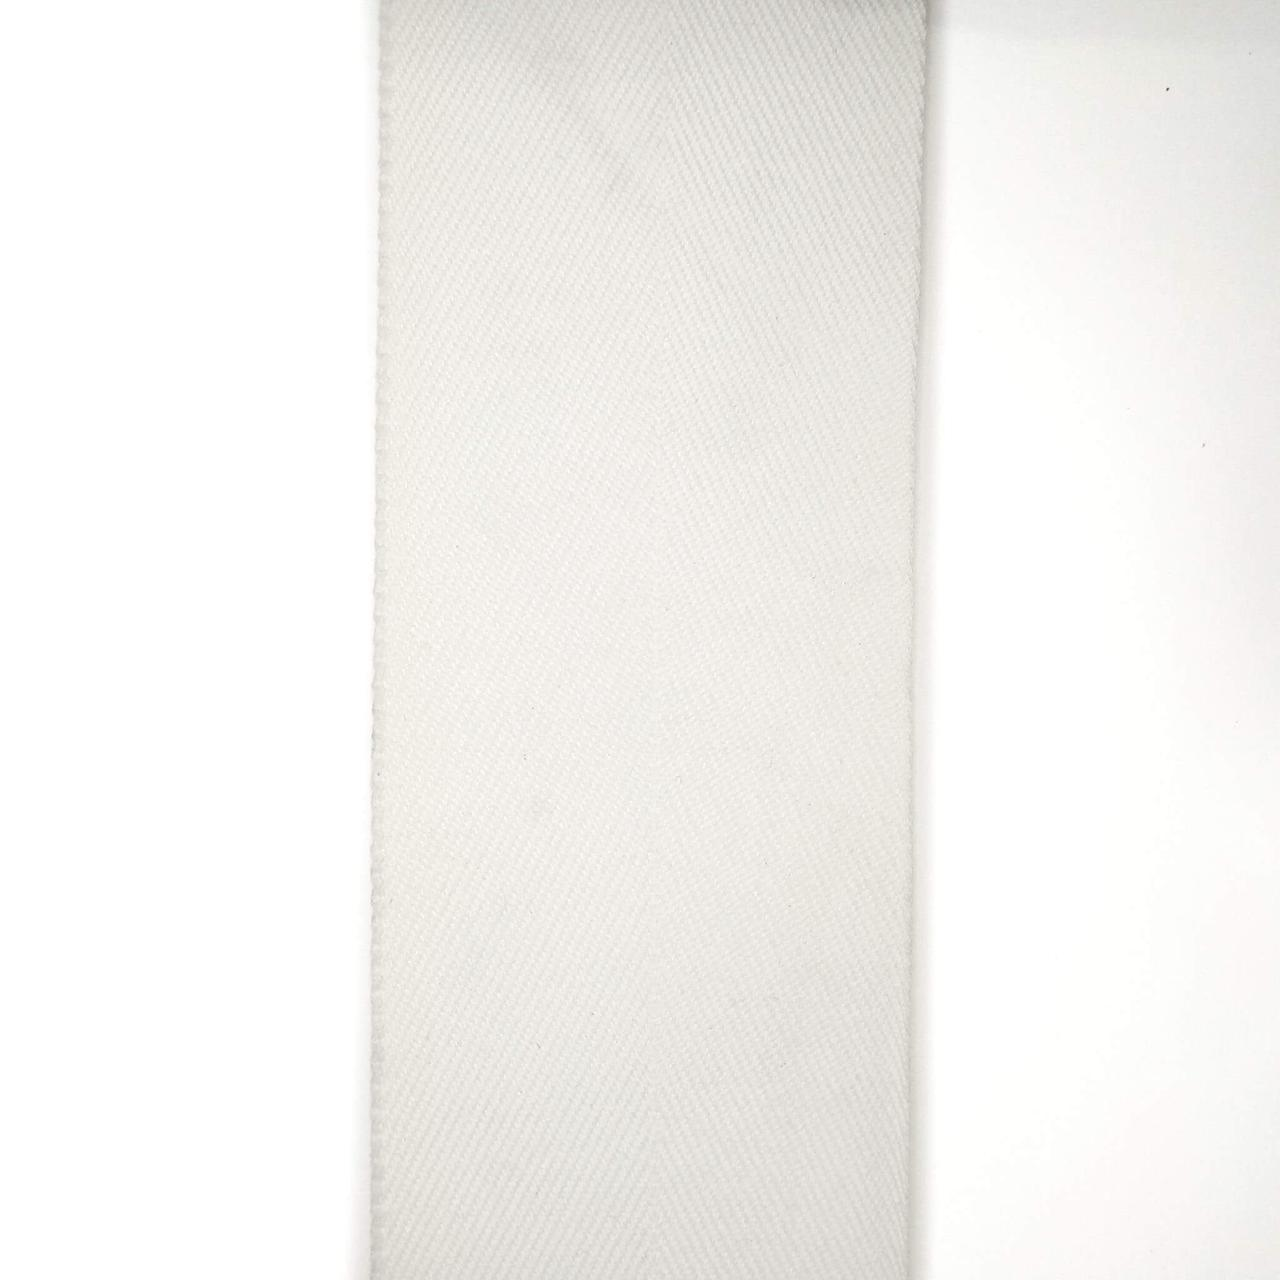 Техническая лента 70 мм ( 25 м/рулон)